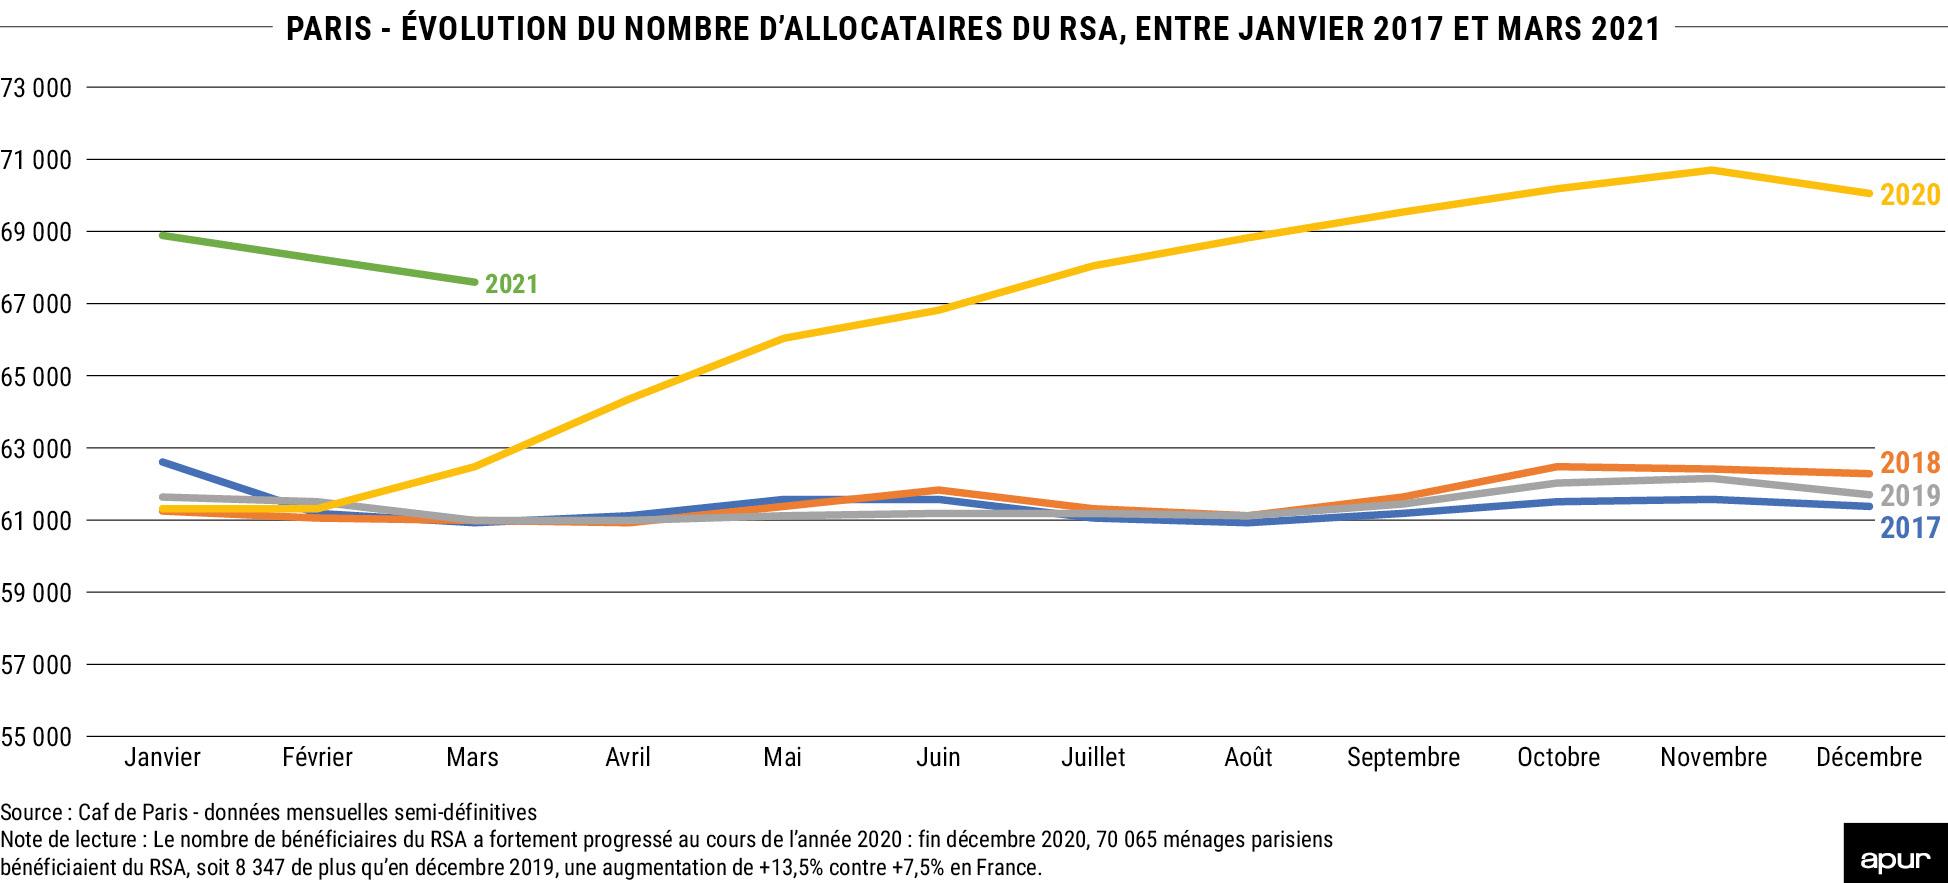 Évolution du nombre d'allocataires du RSA à Paris entre janvier 2017 et mars 2021 © Apur